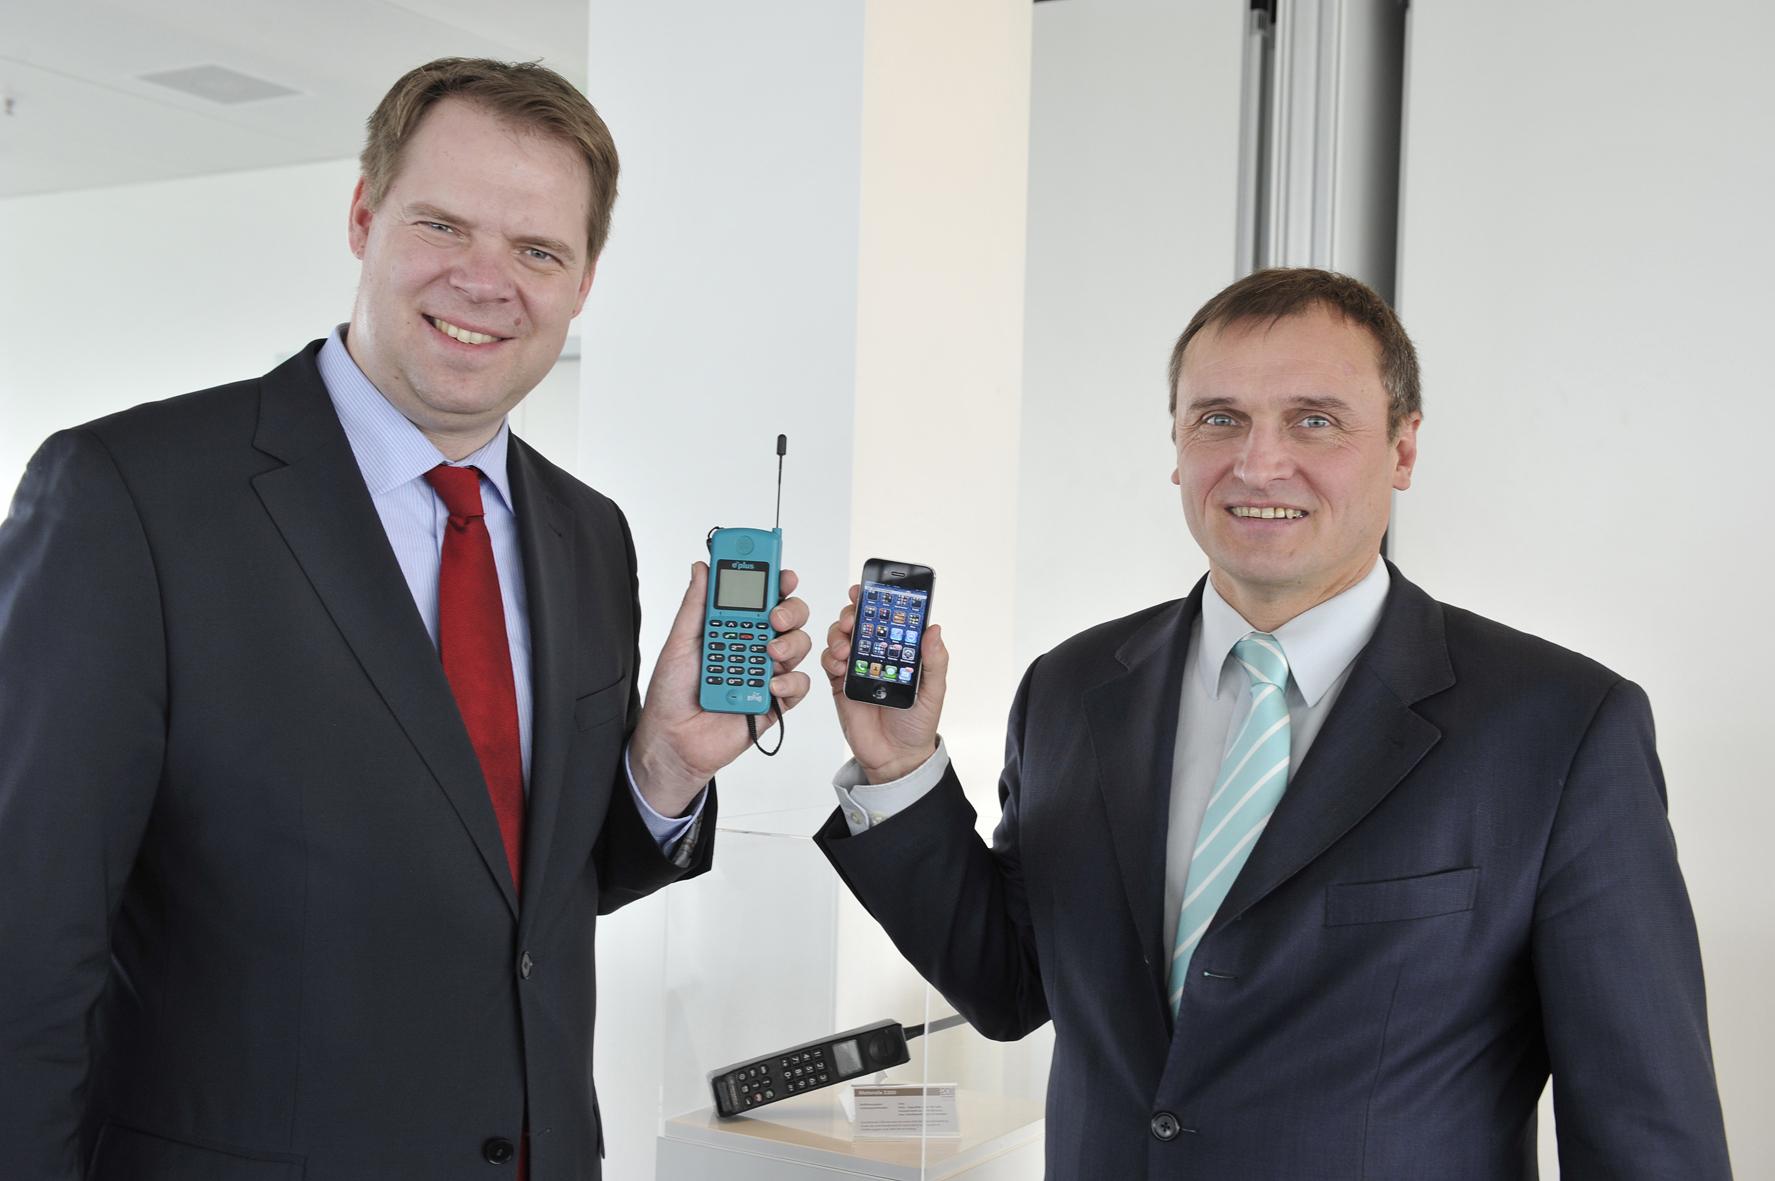 Burkhardt Müller-Sönksen (re.) und Mike Cosse (E-Plus) präsentieren die Entwicklung im Mobilfunk